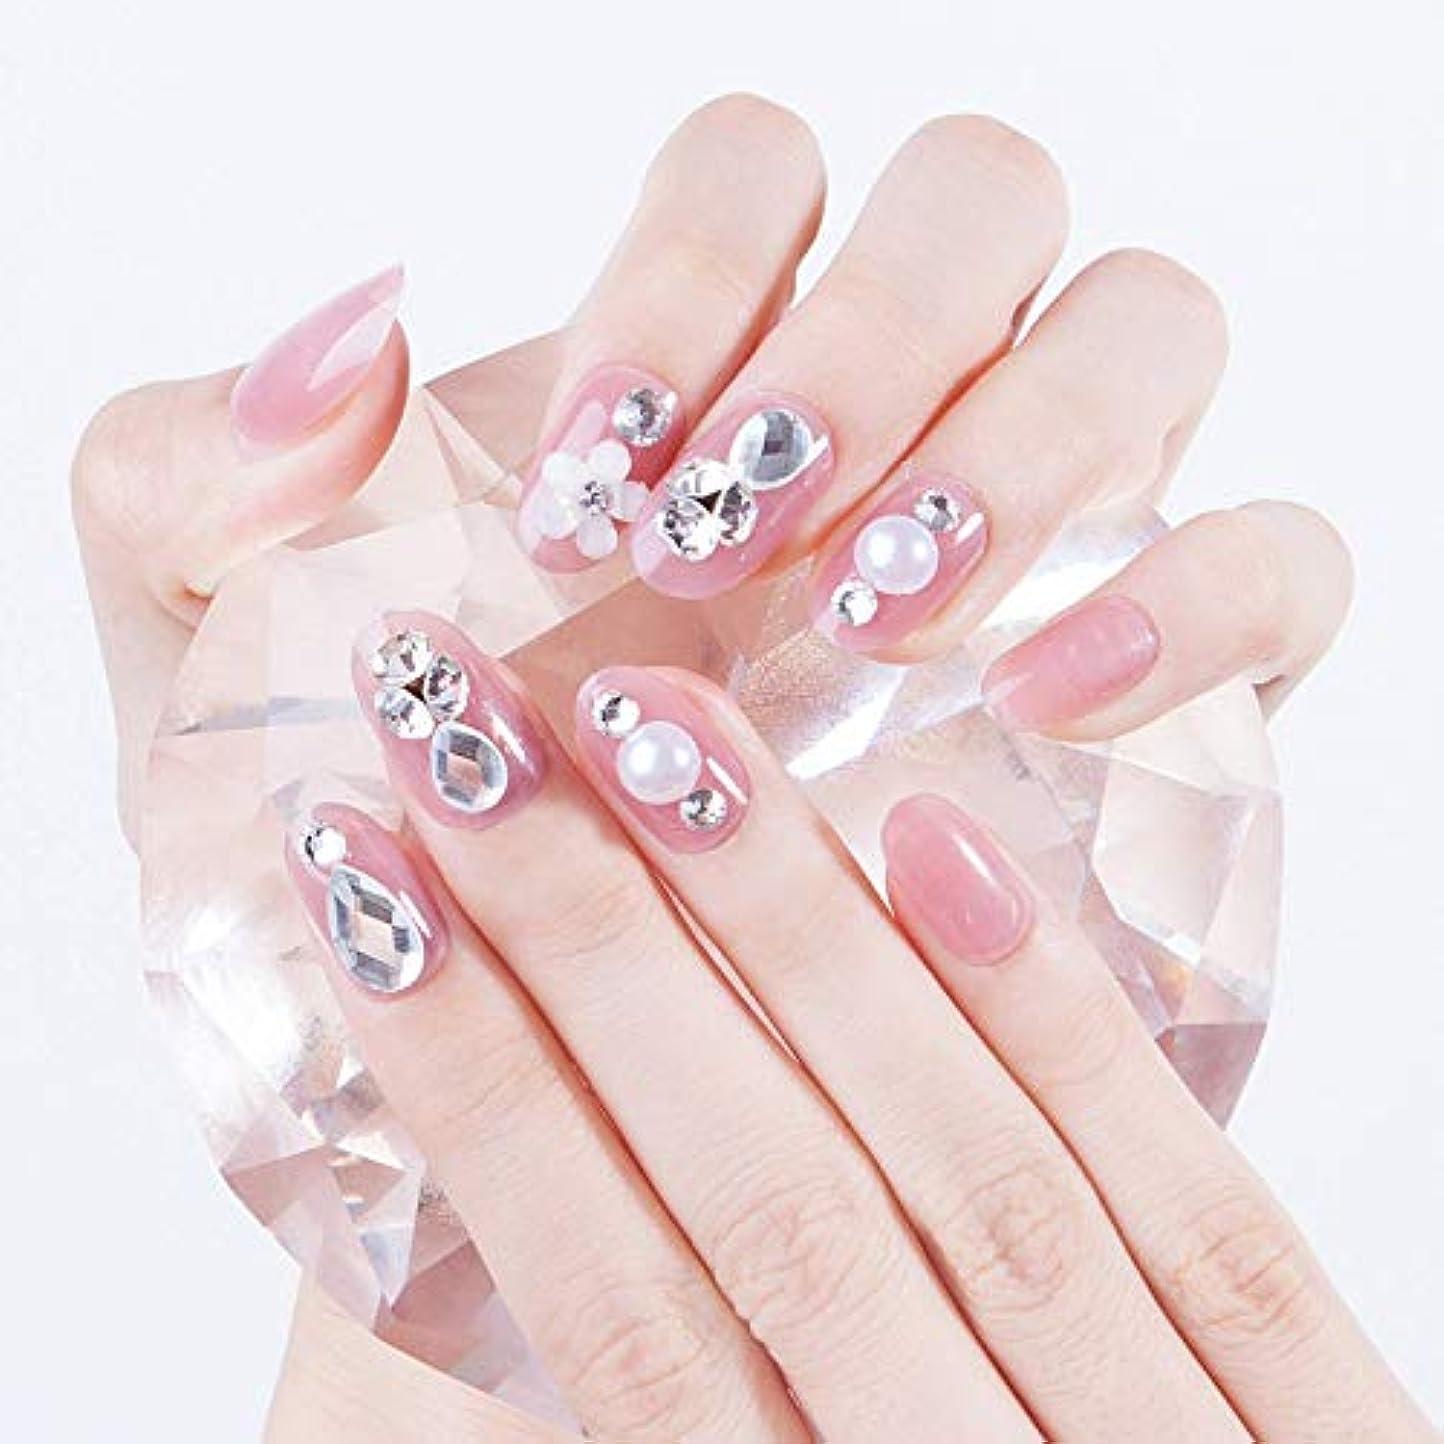 鏡すり減るホームスウィートピンク 水滴タイプアクリルや3D花飾り、キラキララインストーンなどのデコレーション 花嫁ネイルチップ 手作りつけ爪 ネイルジュエリー ネイルアート